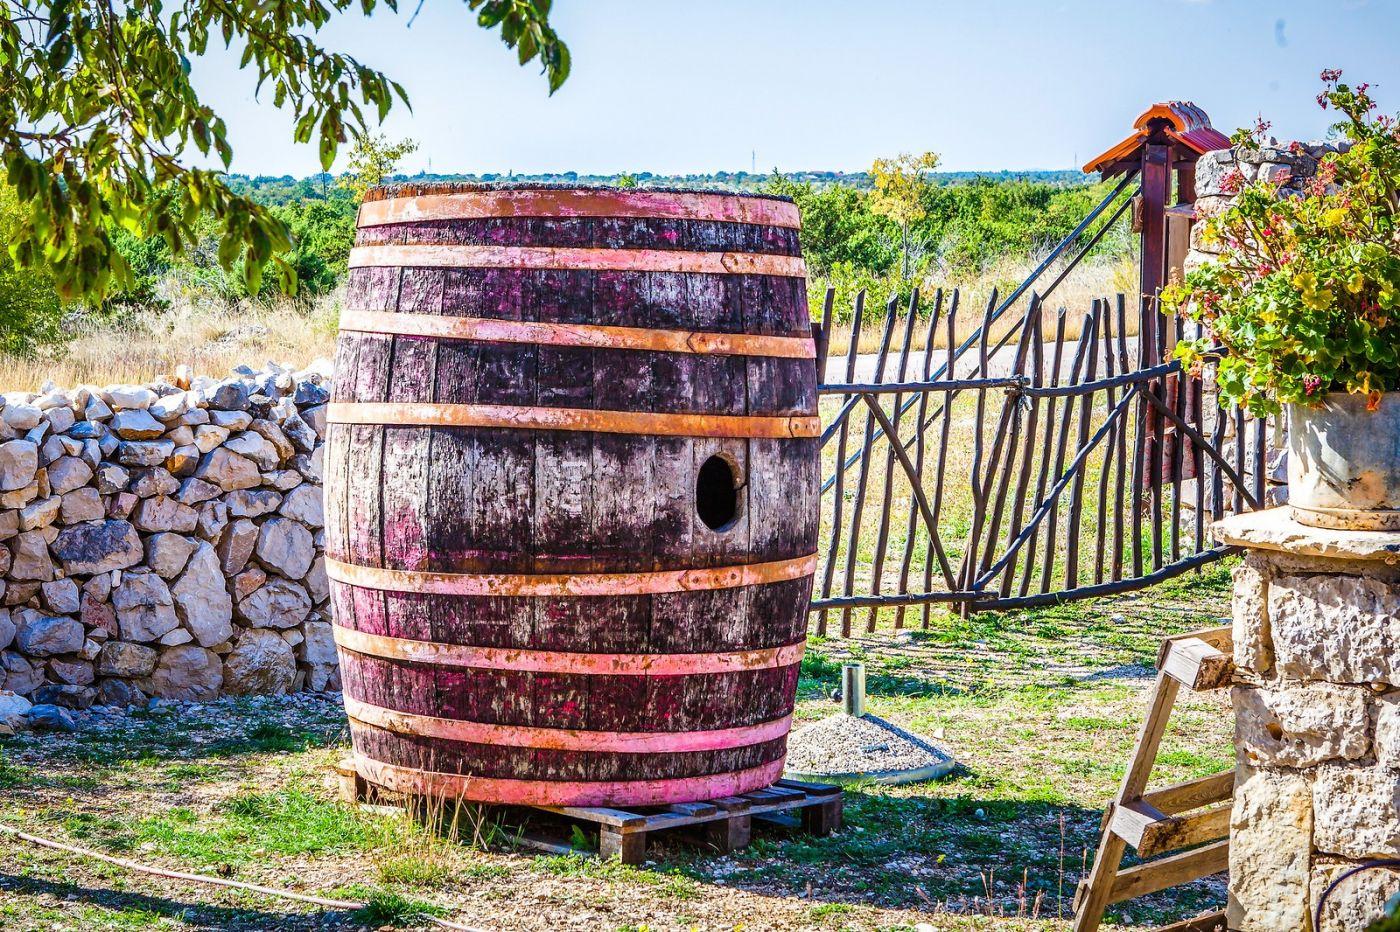 克罗地亚达尔马提亚村,独特的地域风貌_图1-33